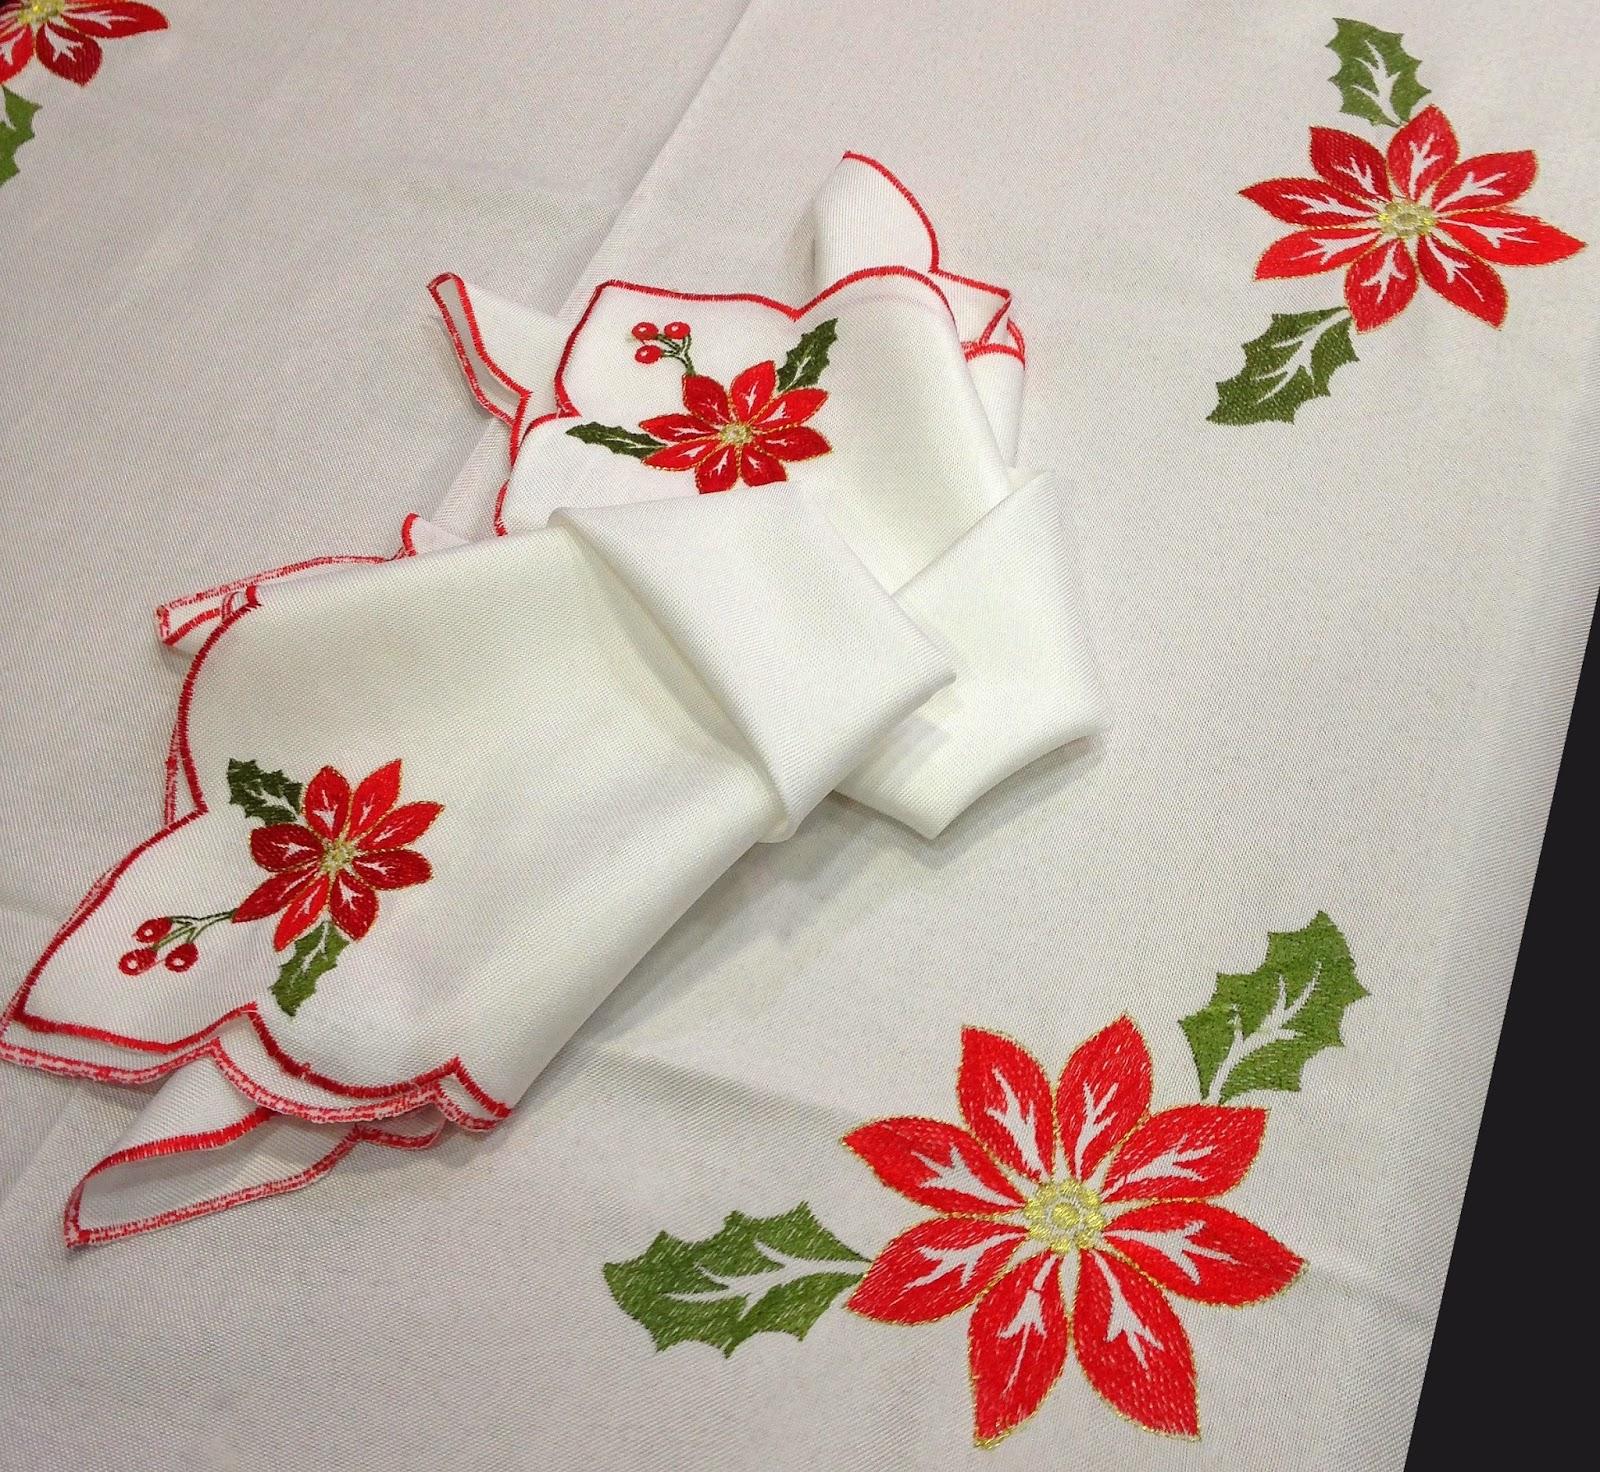 Manteles de navidad bonitos y decorativos decorando tu - Decorativos de navidad ...